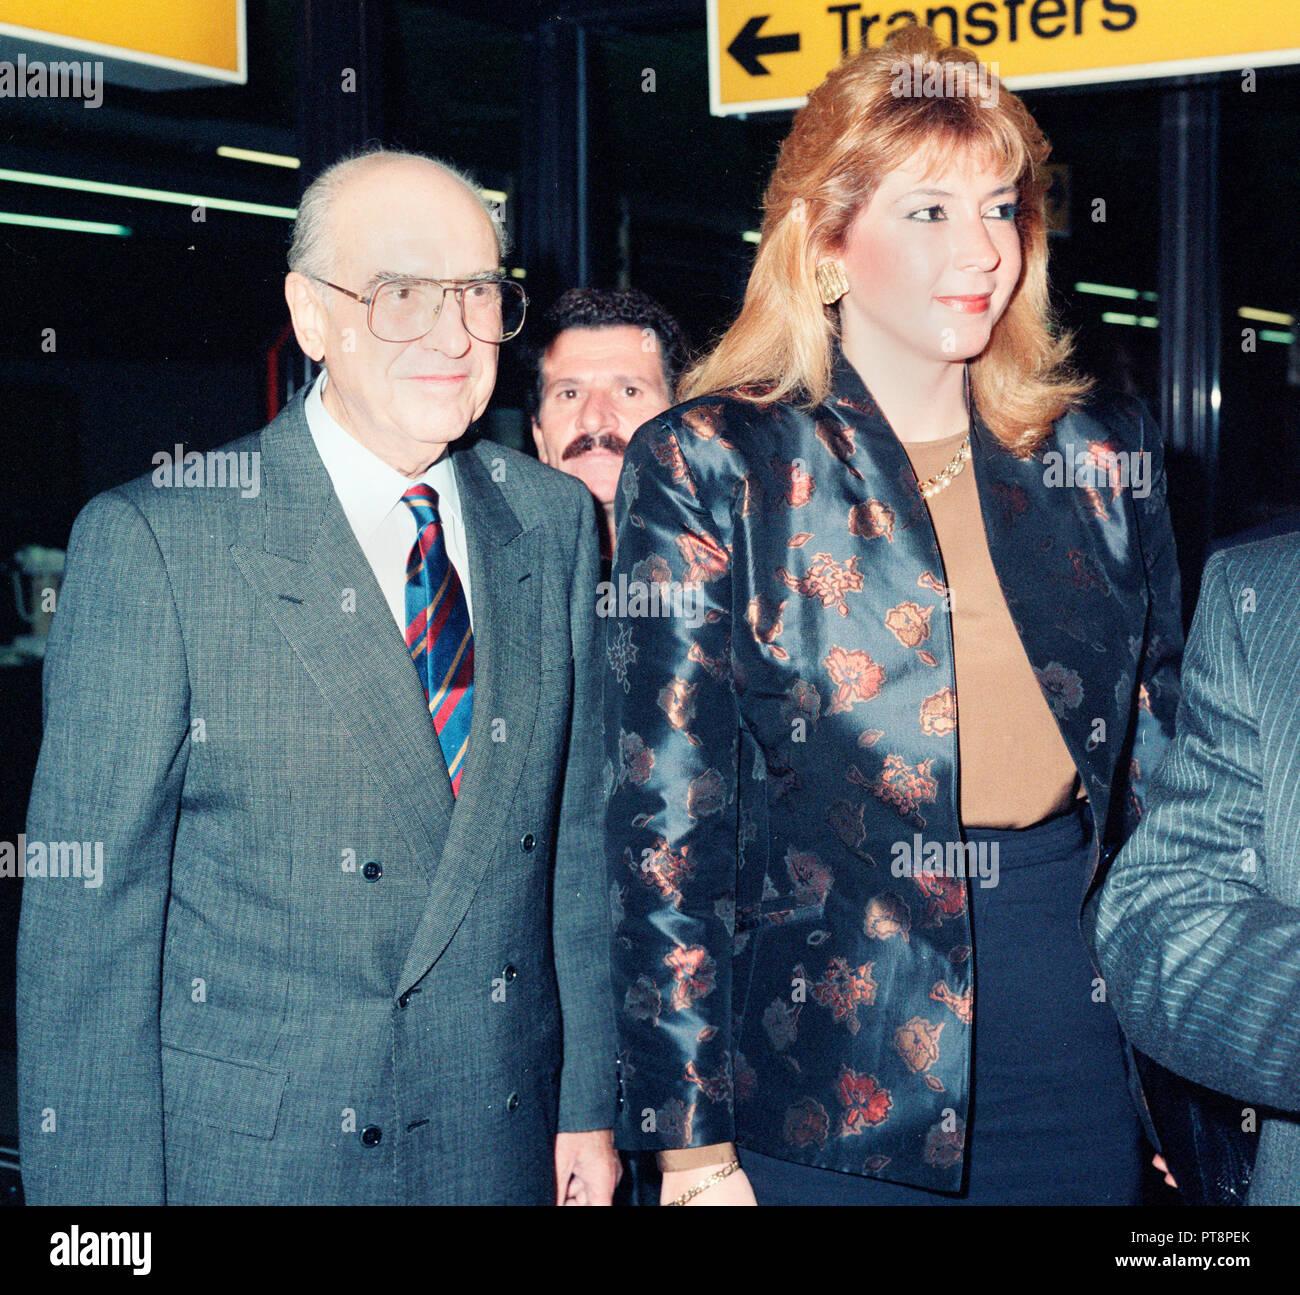 Former Greece PM wife Dimitra Liani-Papandreou I live